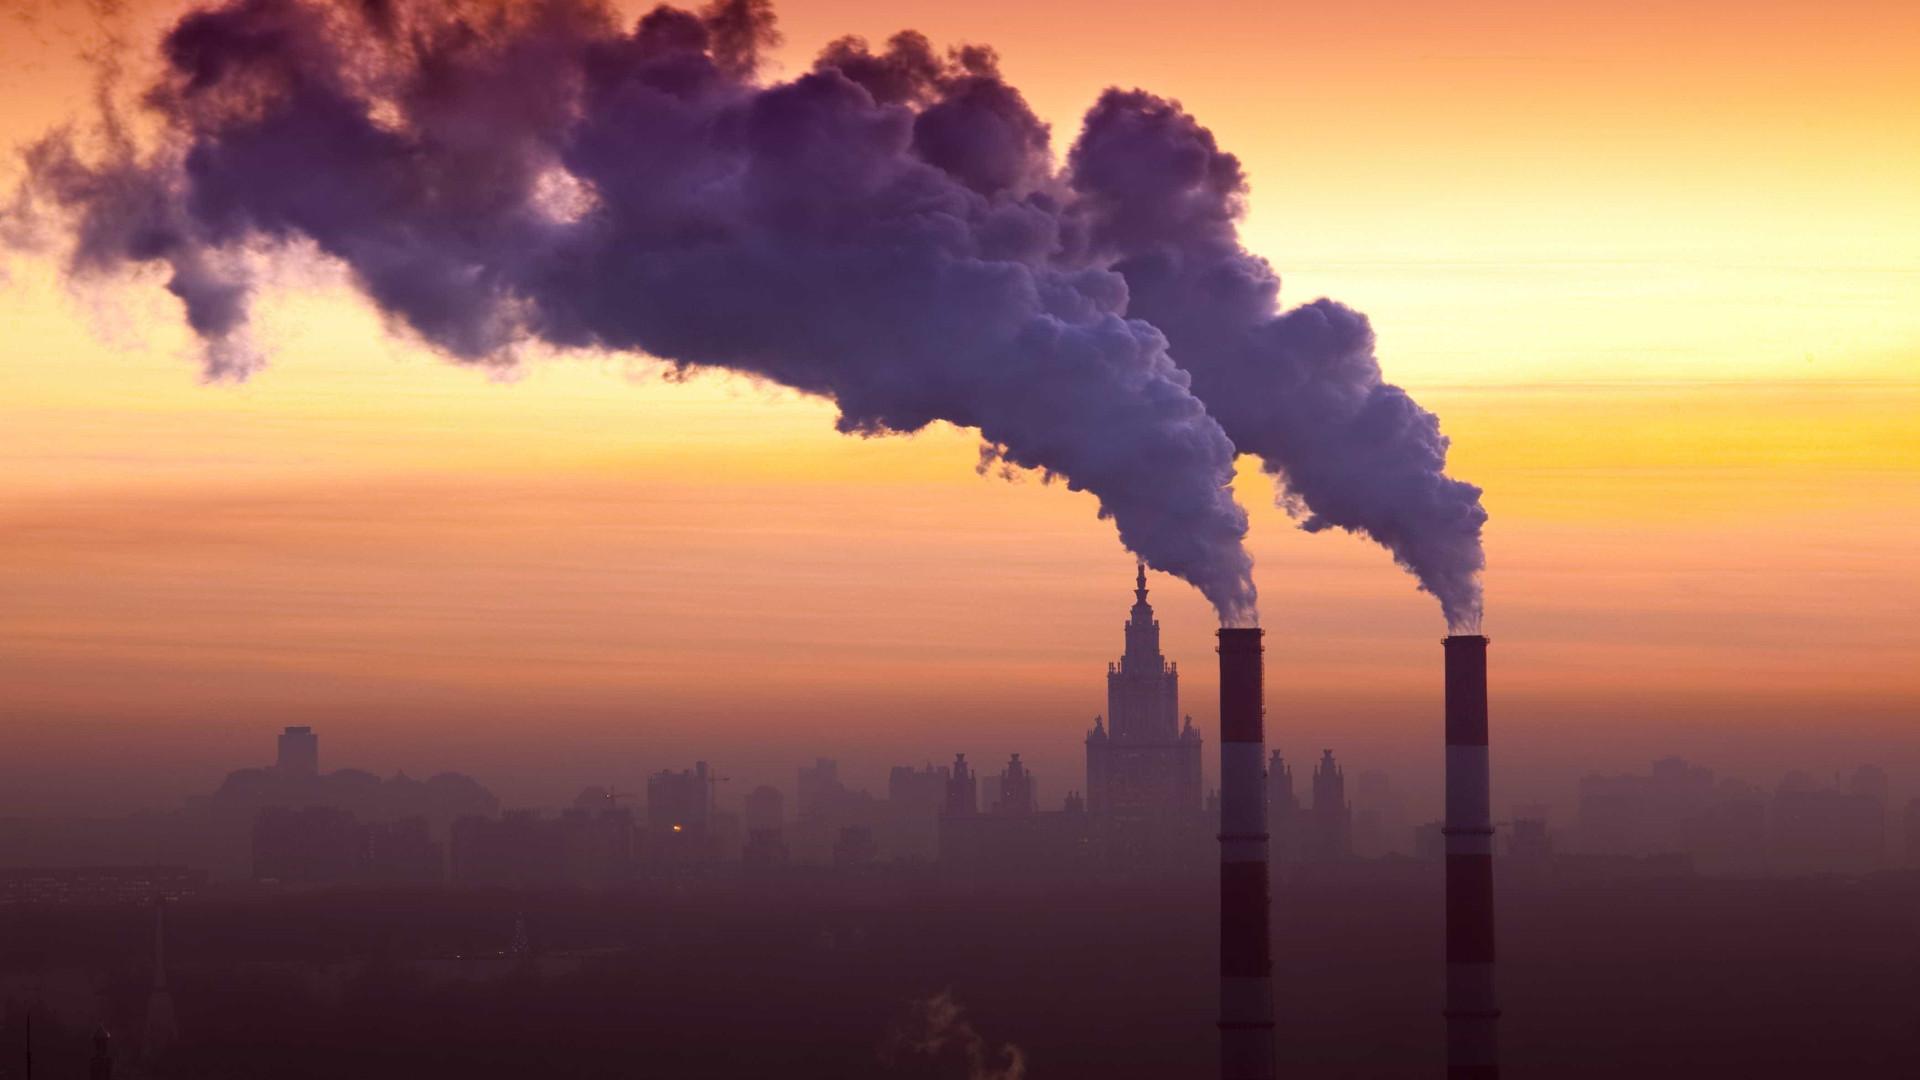 Ar poluído afeta-nos (também) moralmente